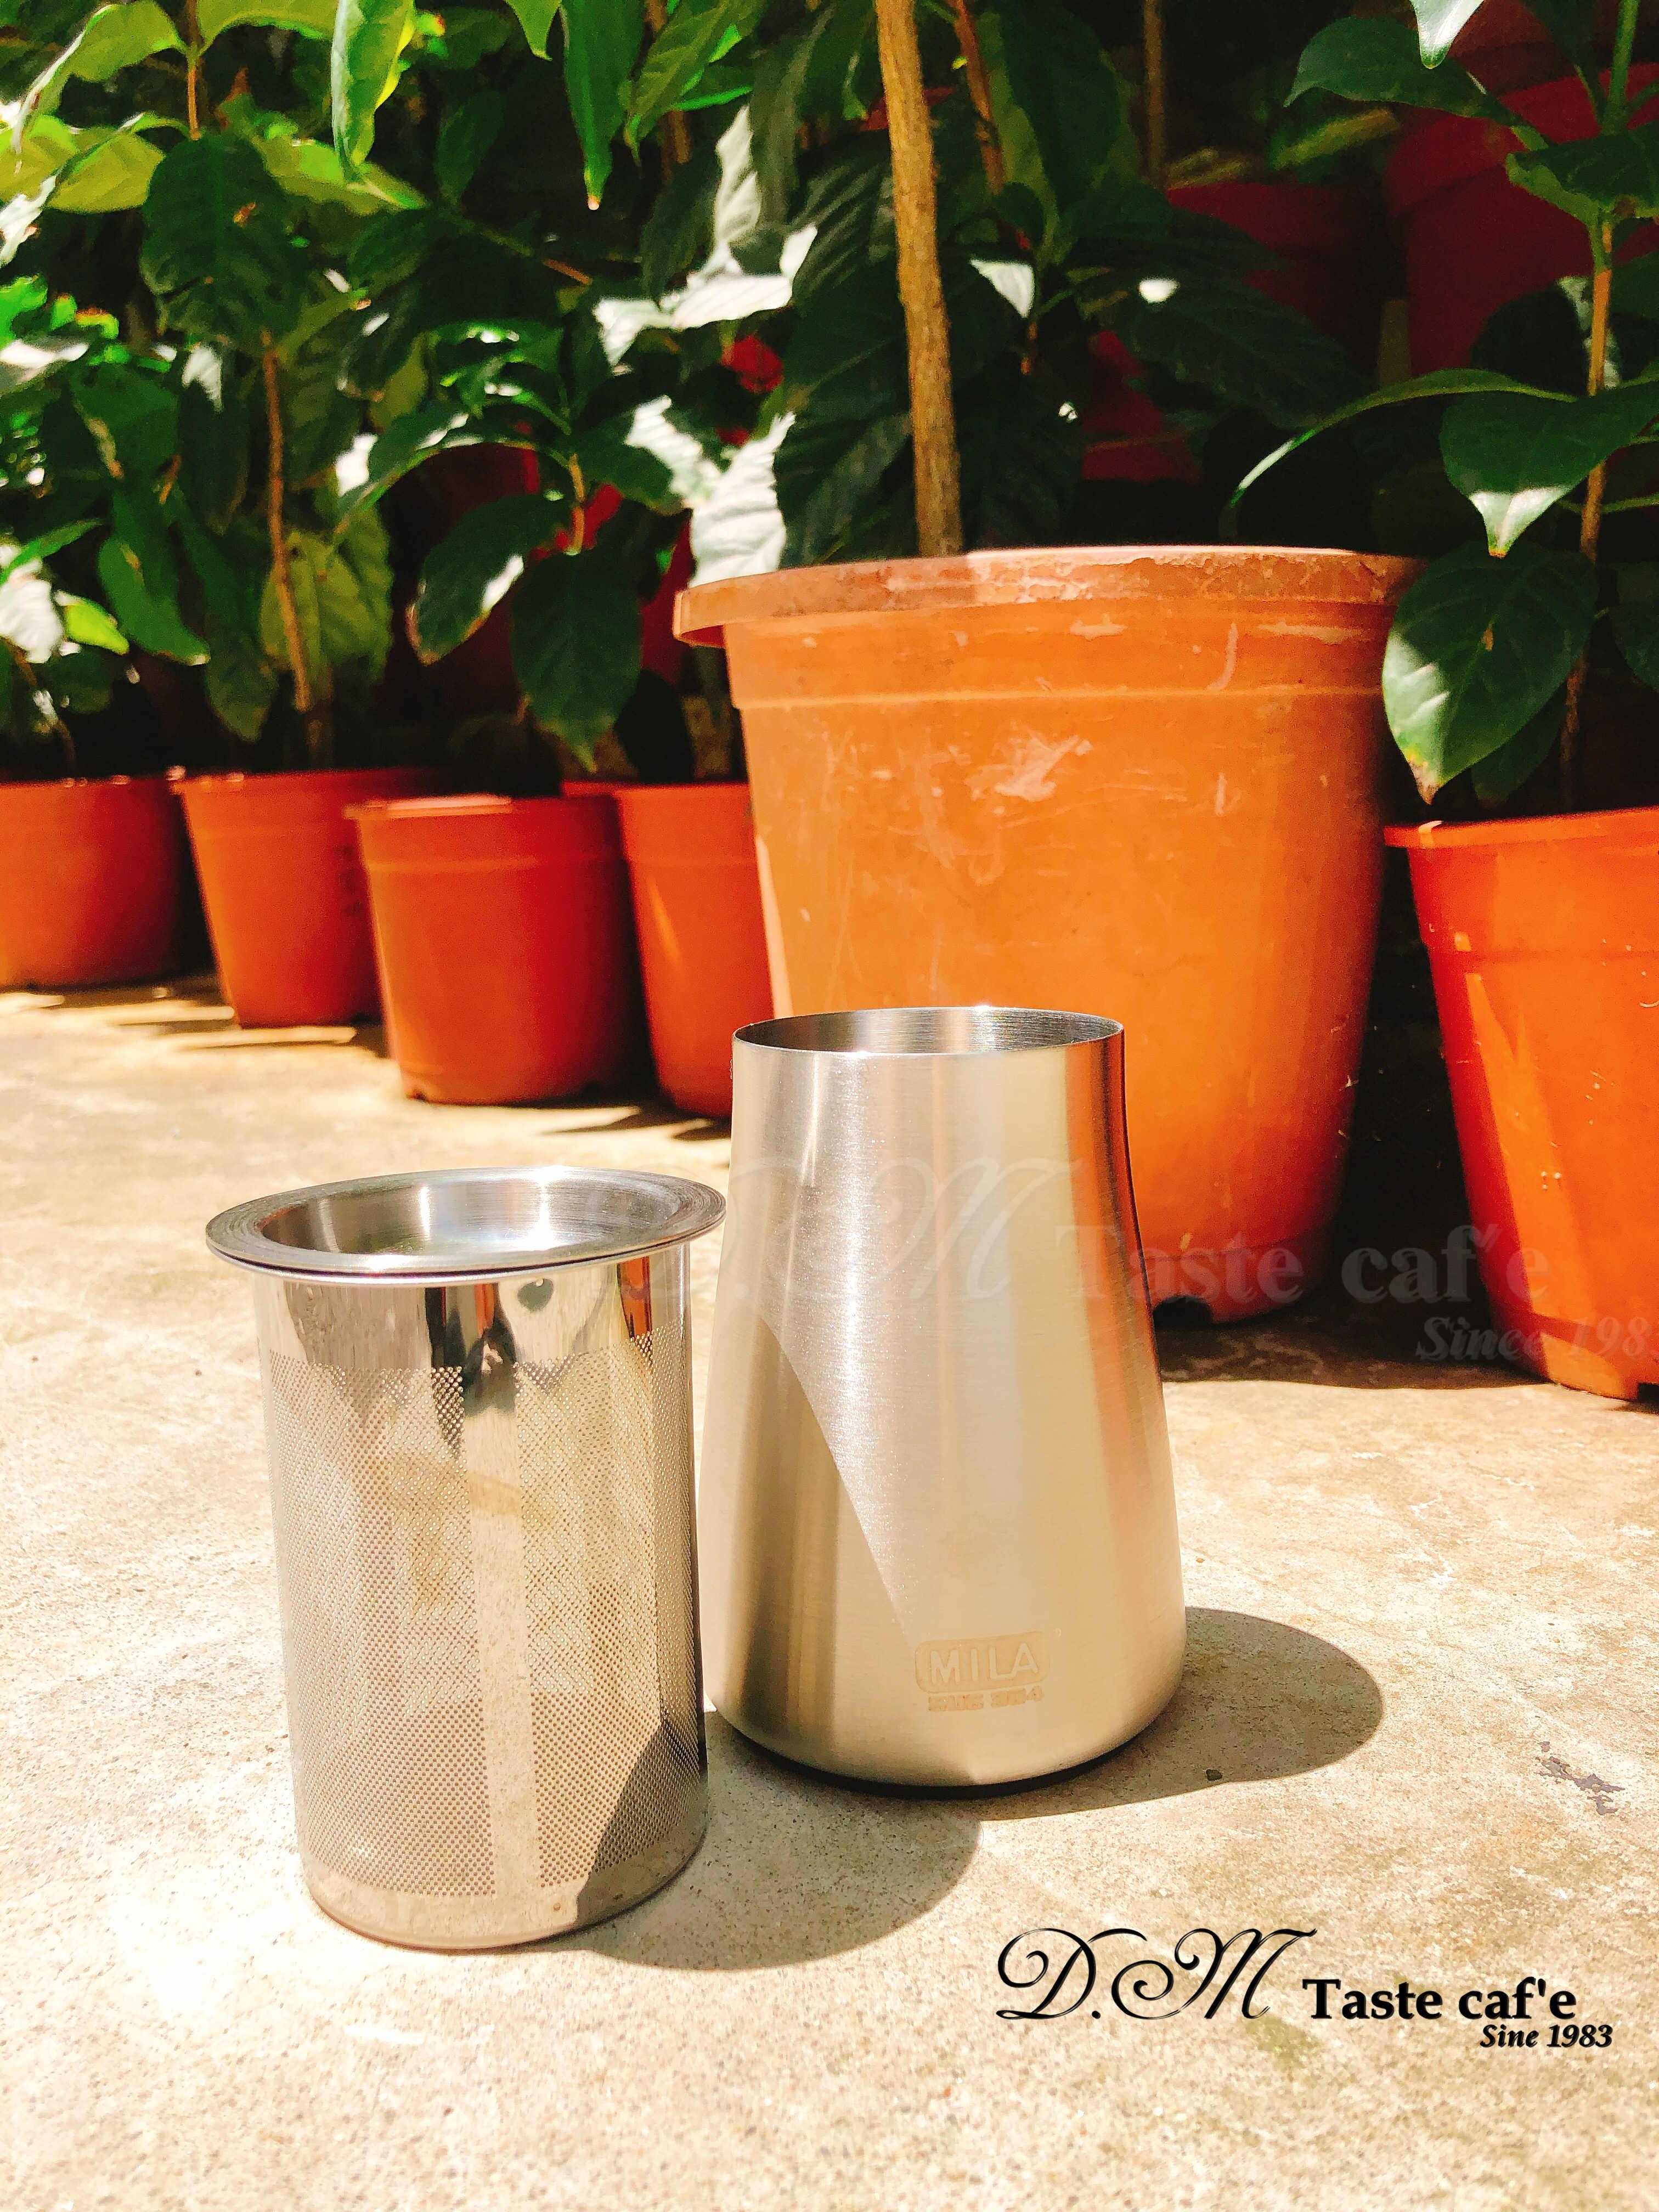 MILA 篩粉器/小飛鷹/小飛馬/虹吸式/手沖咖啡/聞香杯/電動磨豆機可用